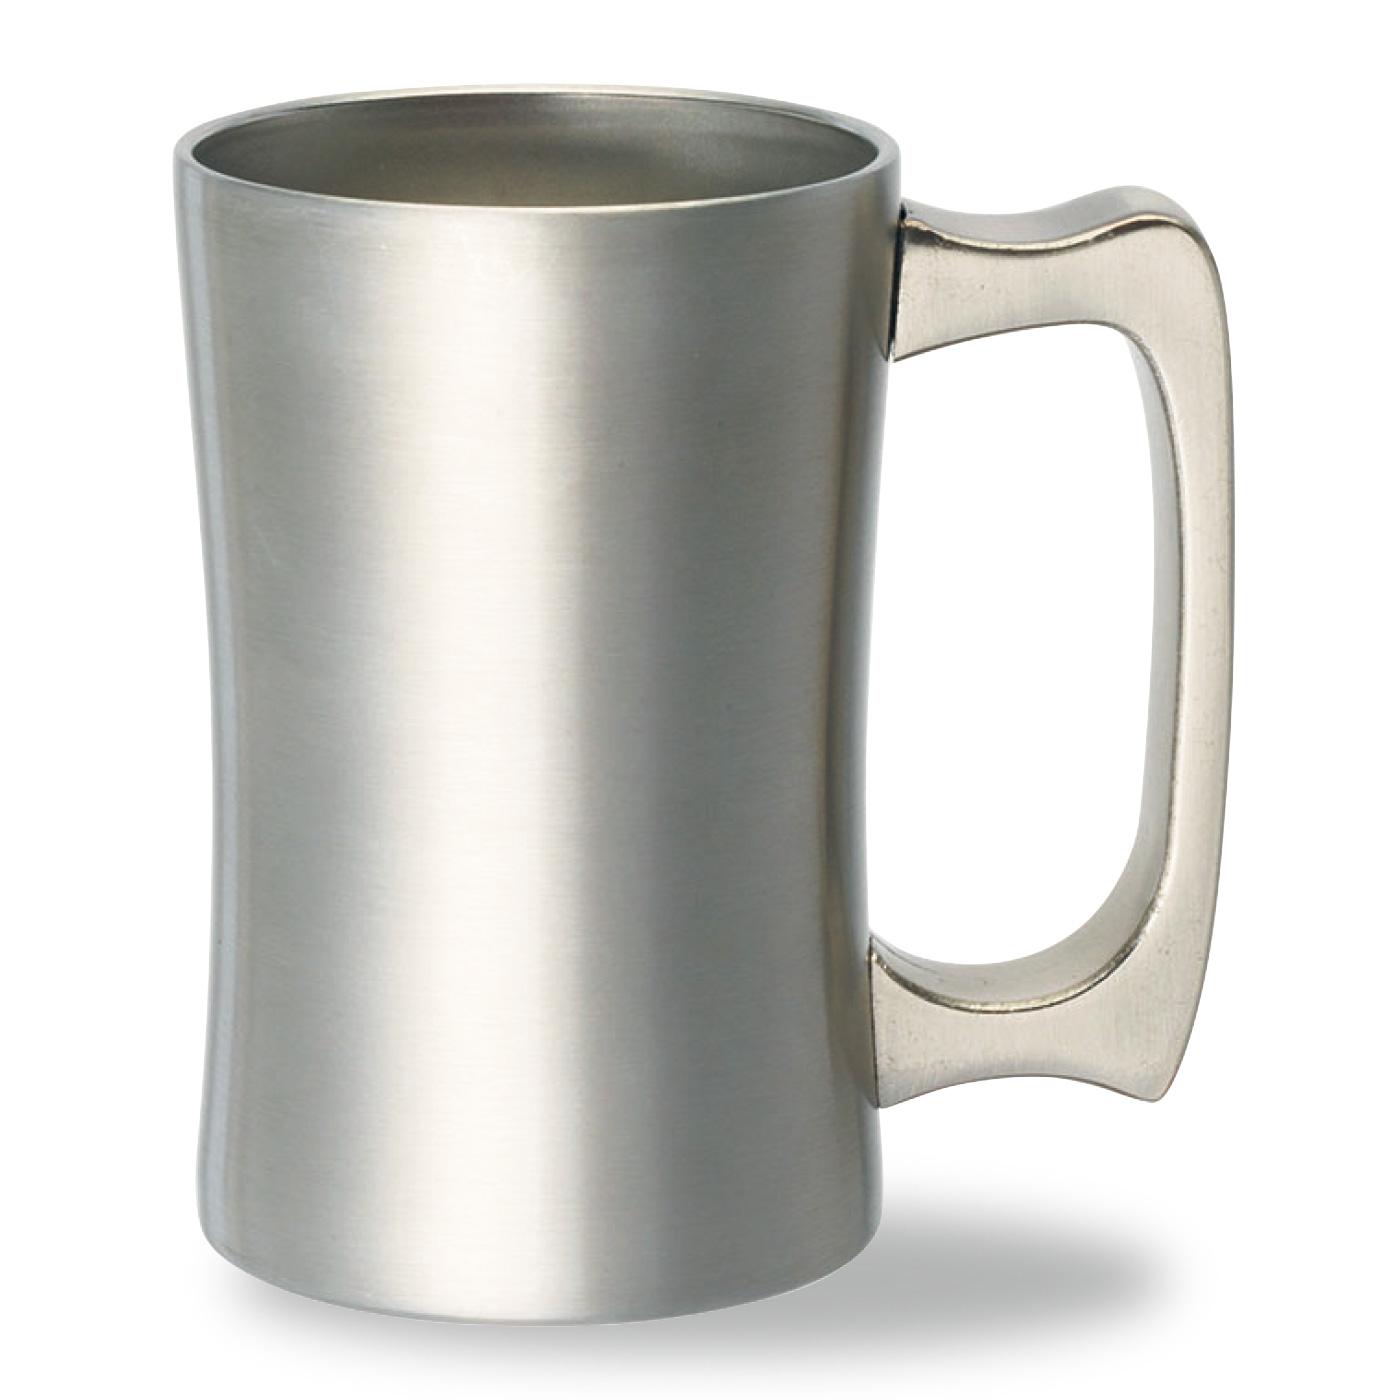 350ml缶ビールに最適サイズ ※注ぎ方やビールの種類・状態によって泡立ち方は異なります。